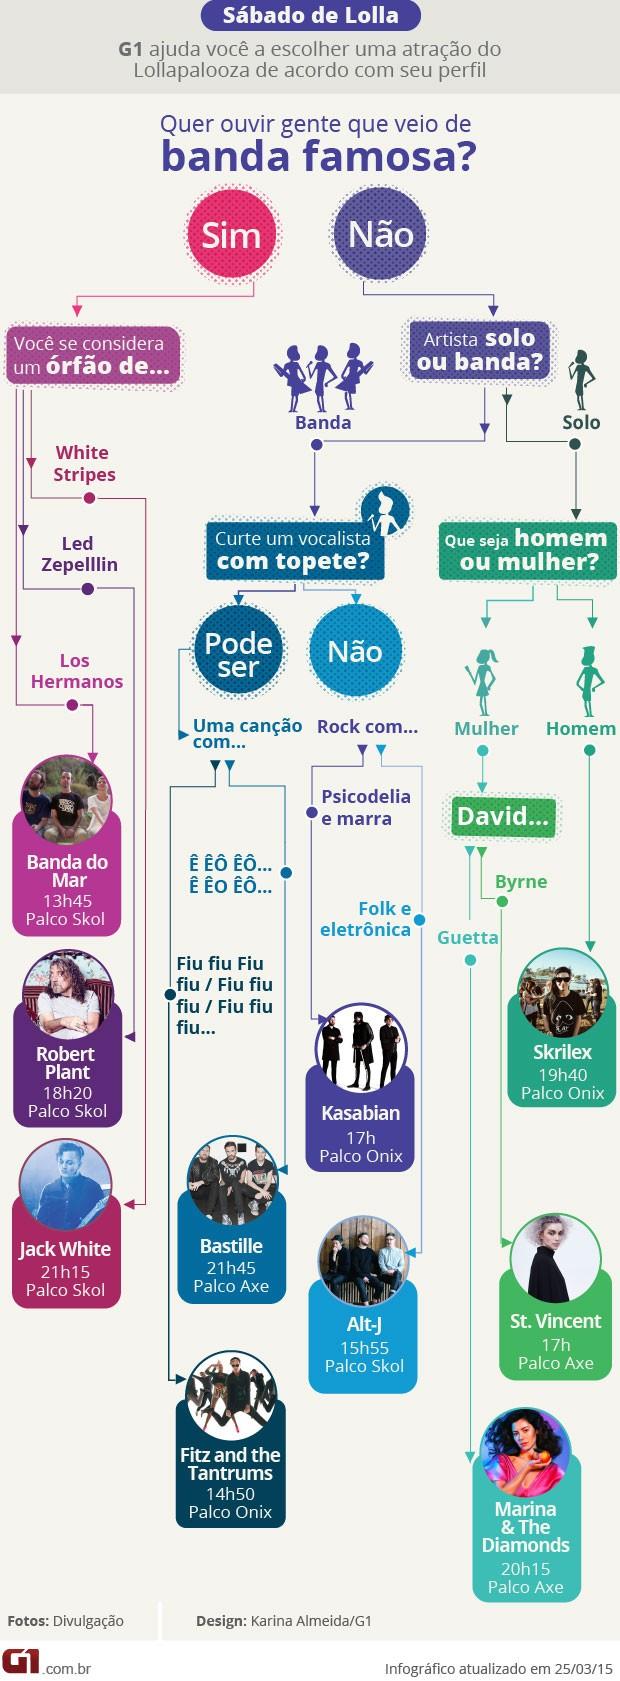 Fluxograma dia 28 (sábado): G1 indica atrações do Lollapalooza (Foto: G1)